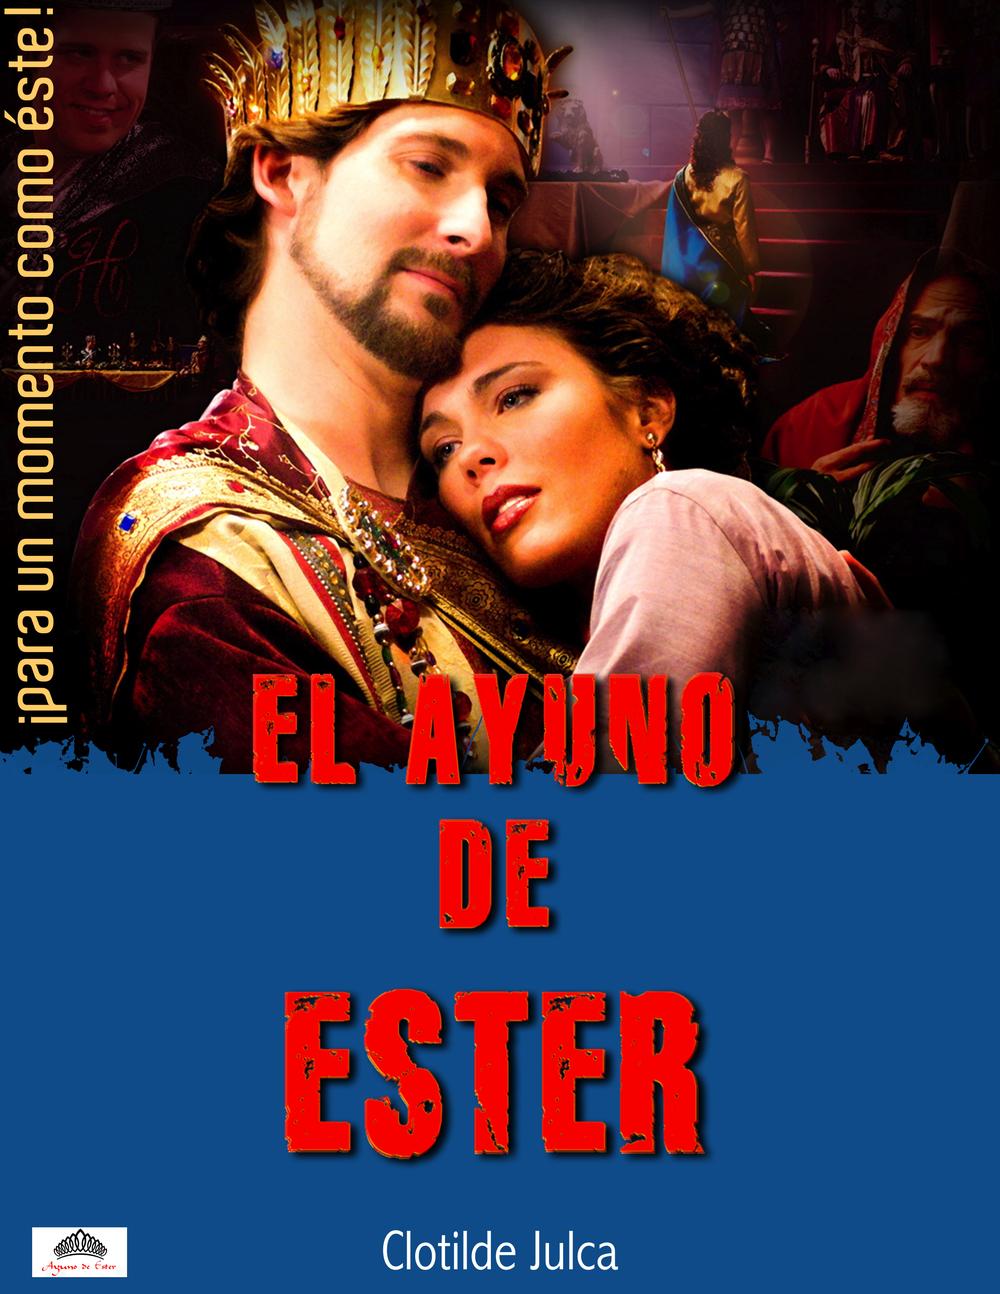 AYUNO DE ESTER COVER GENERICO 2012.jpg